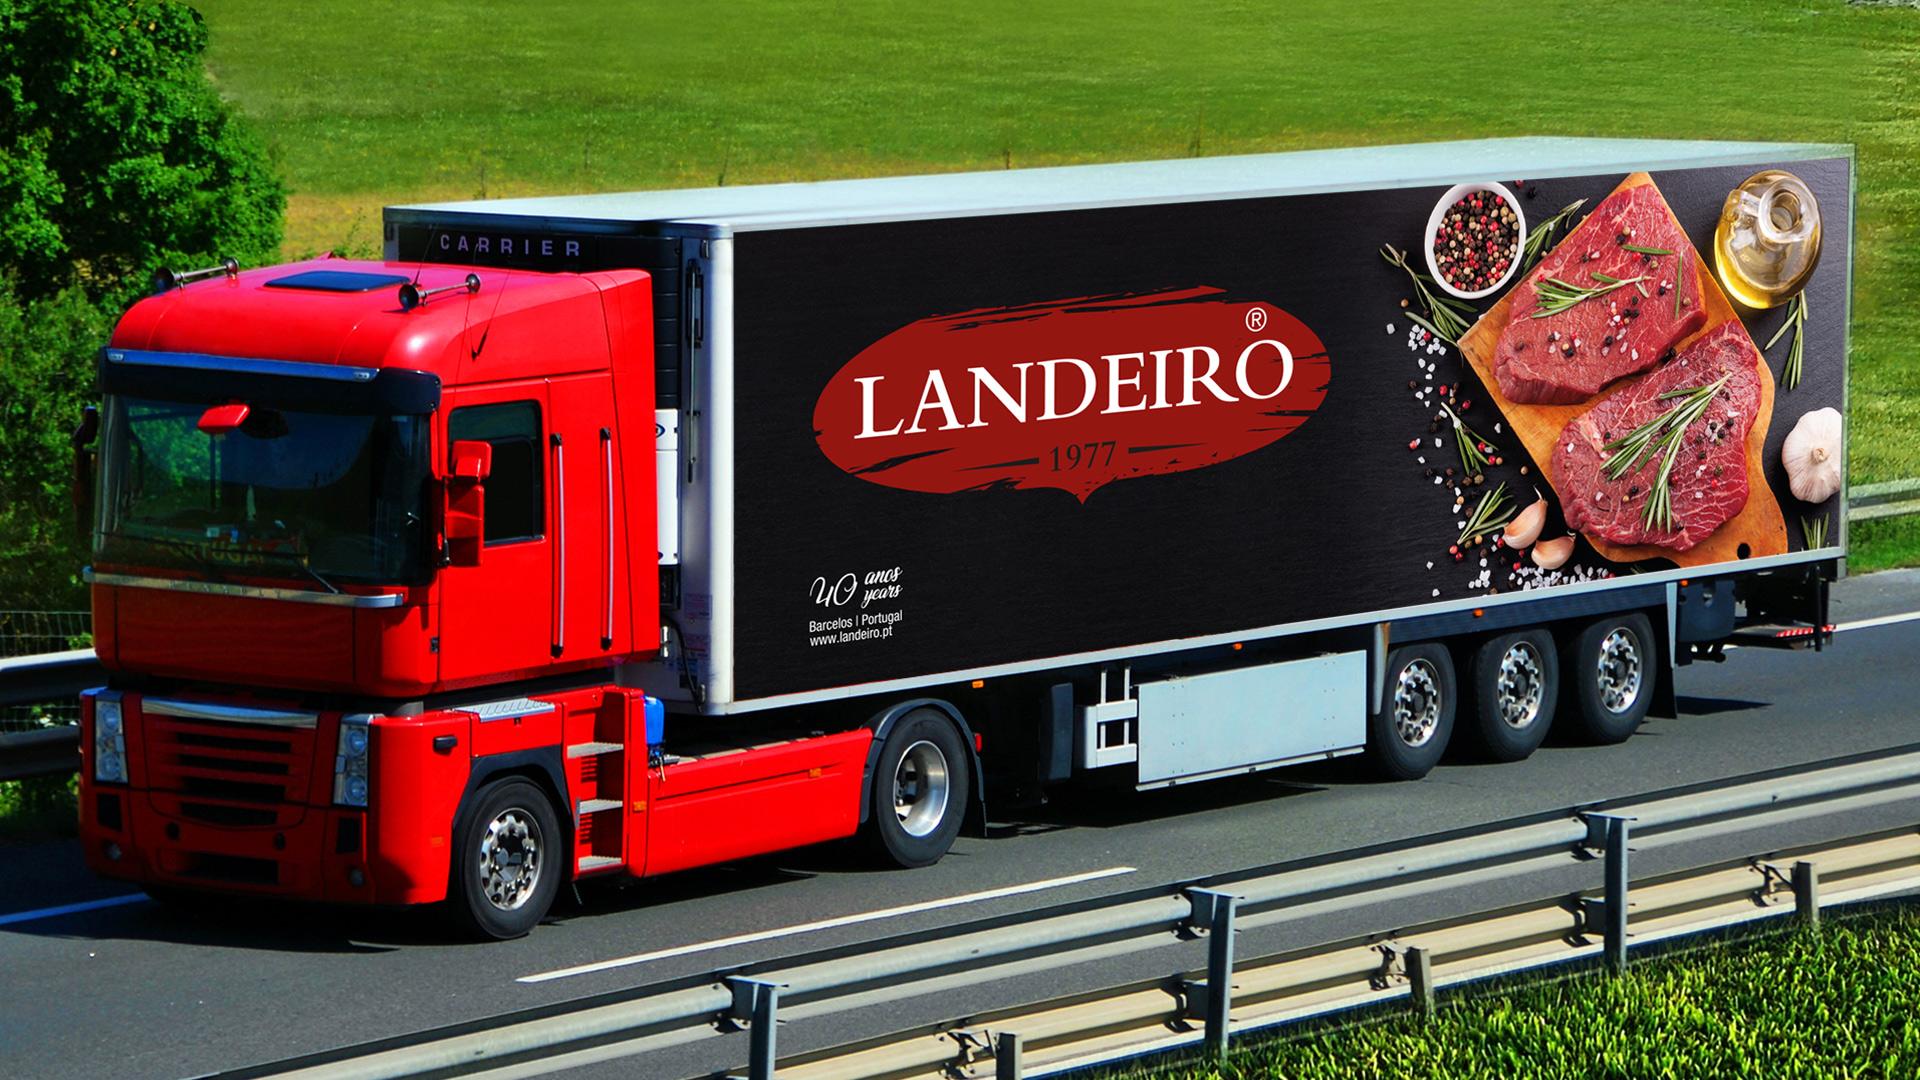 Landeiro